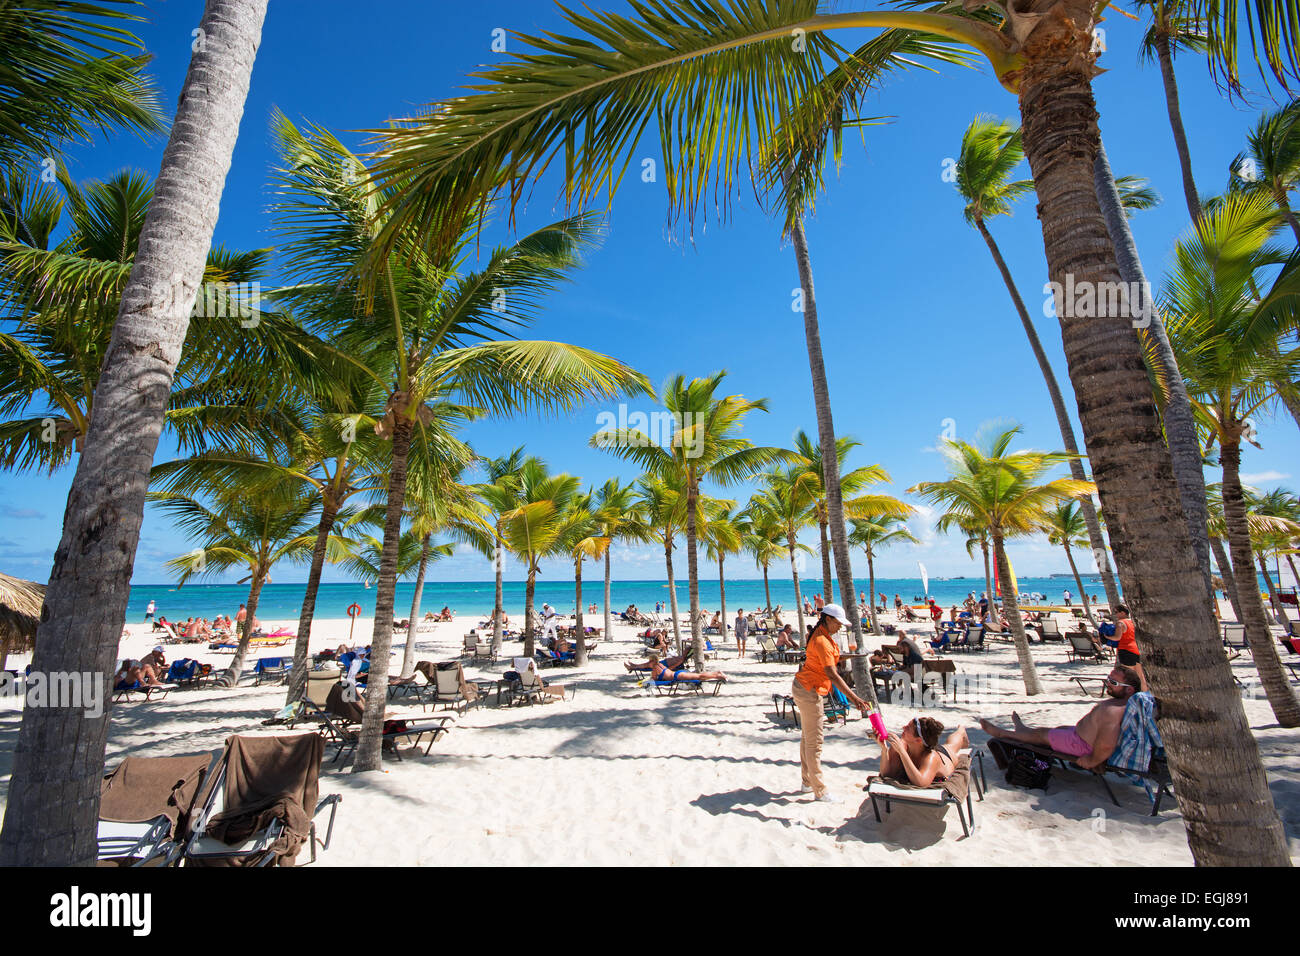 Repubblica Dominicana. Spiaggia di Punta Cana. 2015. Immagini Stock